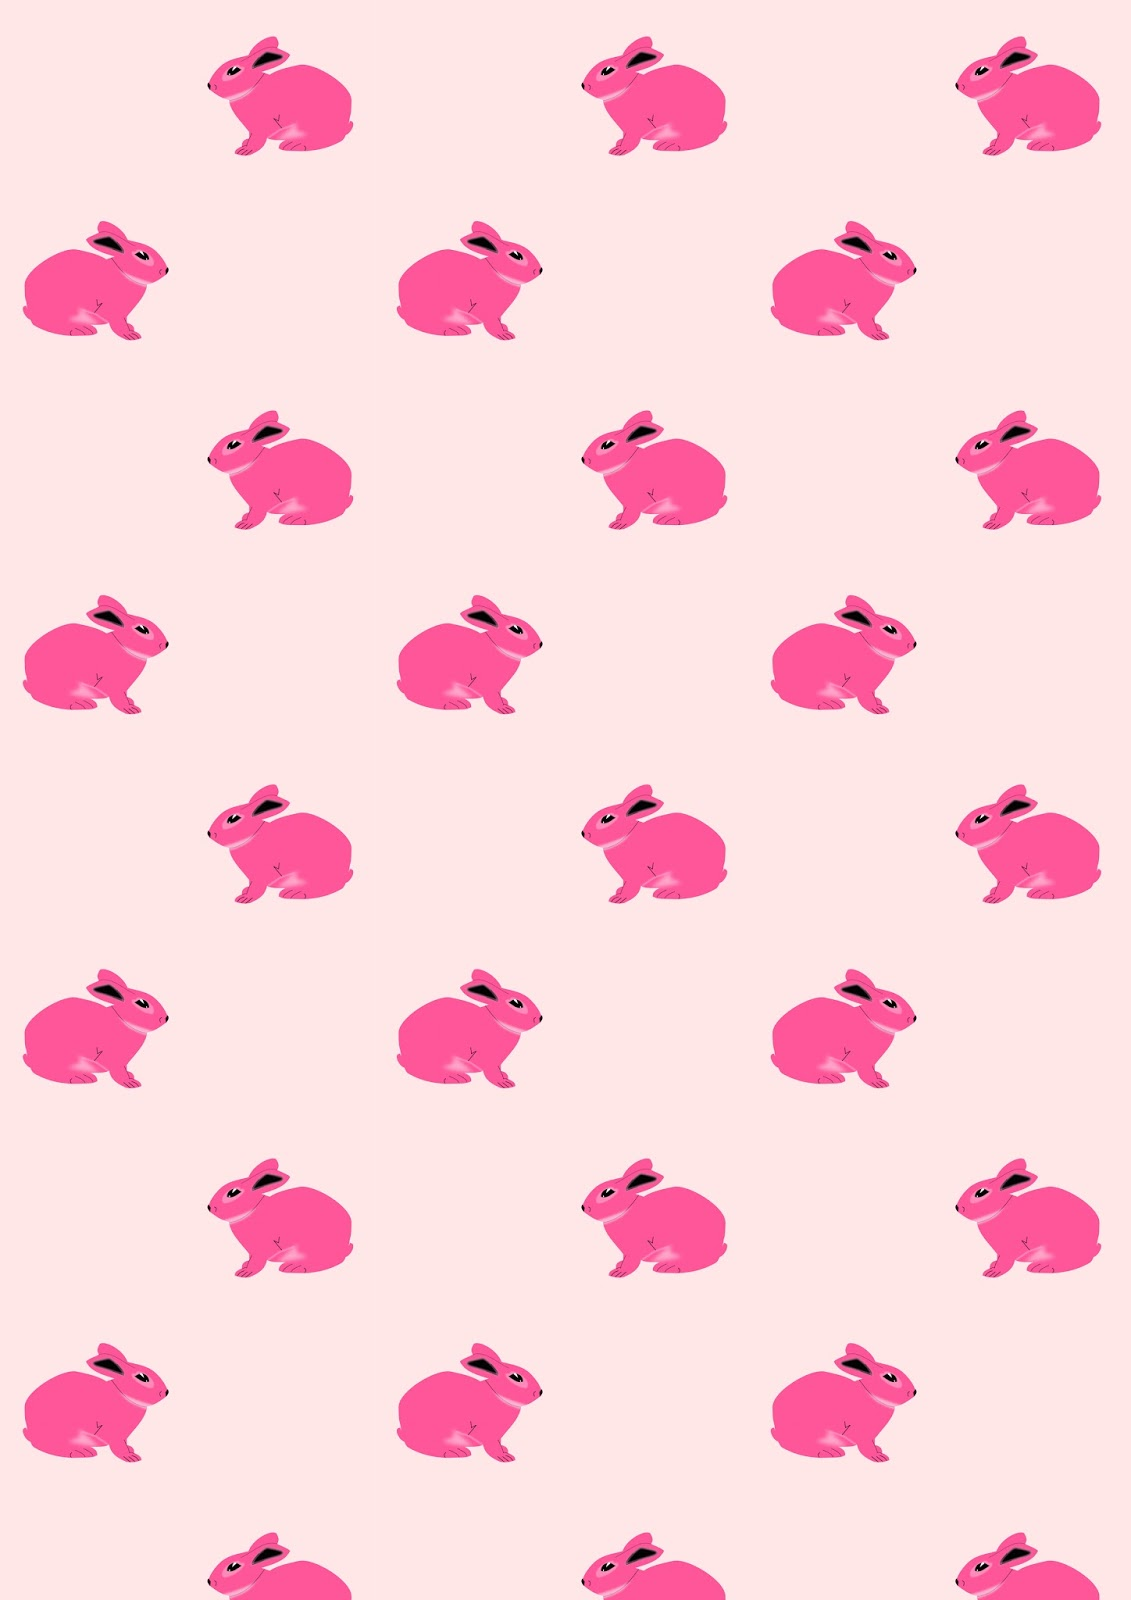 http://3.bp.blogspot.com/-wO6VgcNo4Nk/VQ3JpFv3vTI/AAAAAAAAia4/qTNXfW42zIE/s1600/pink_buny_paper_A4.jpg